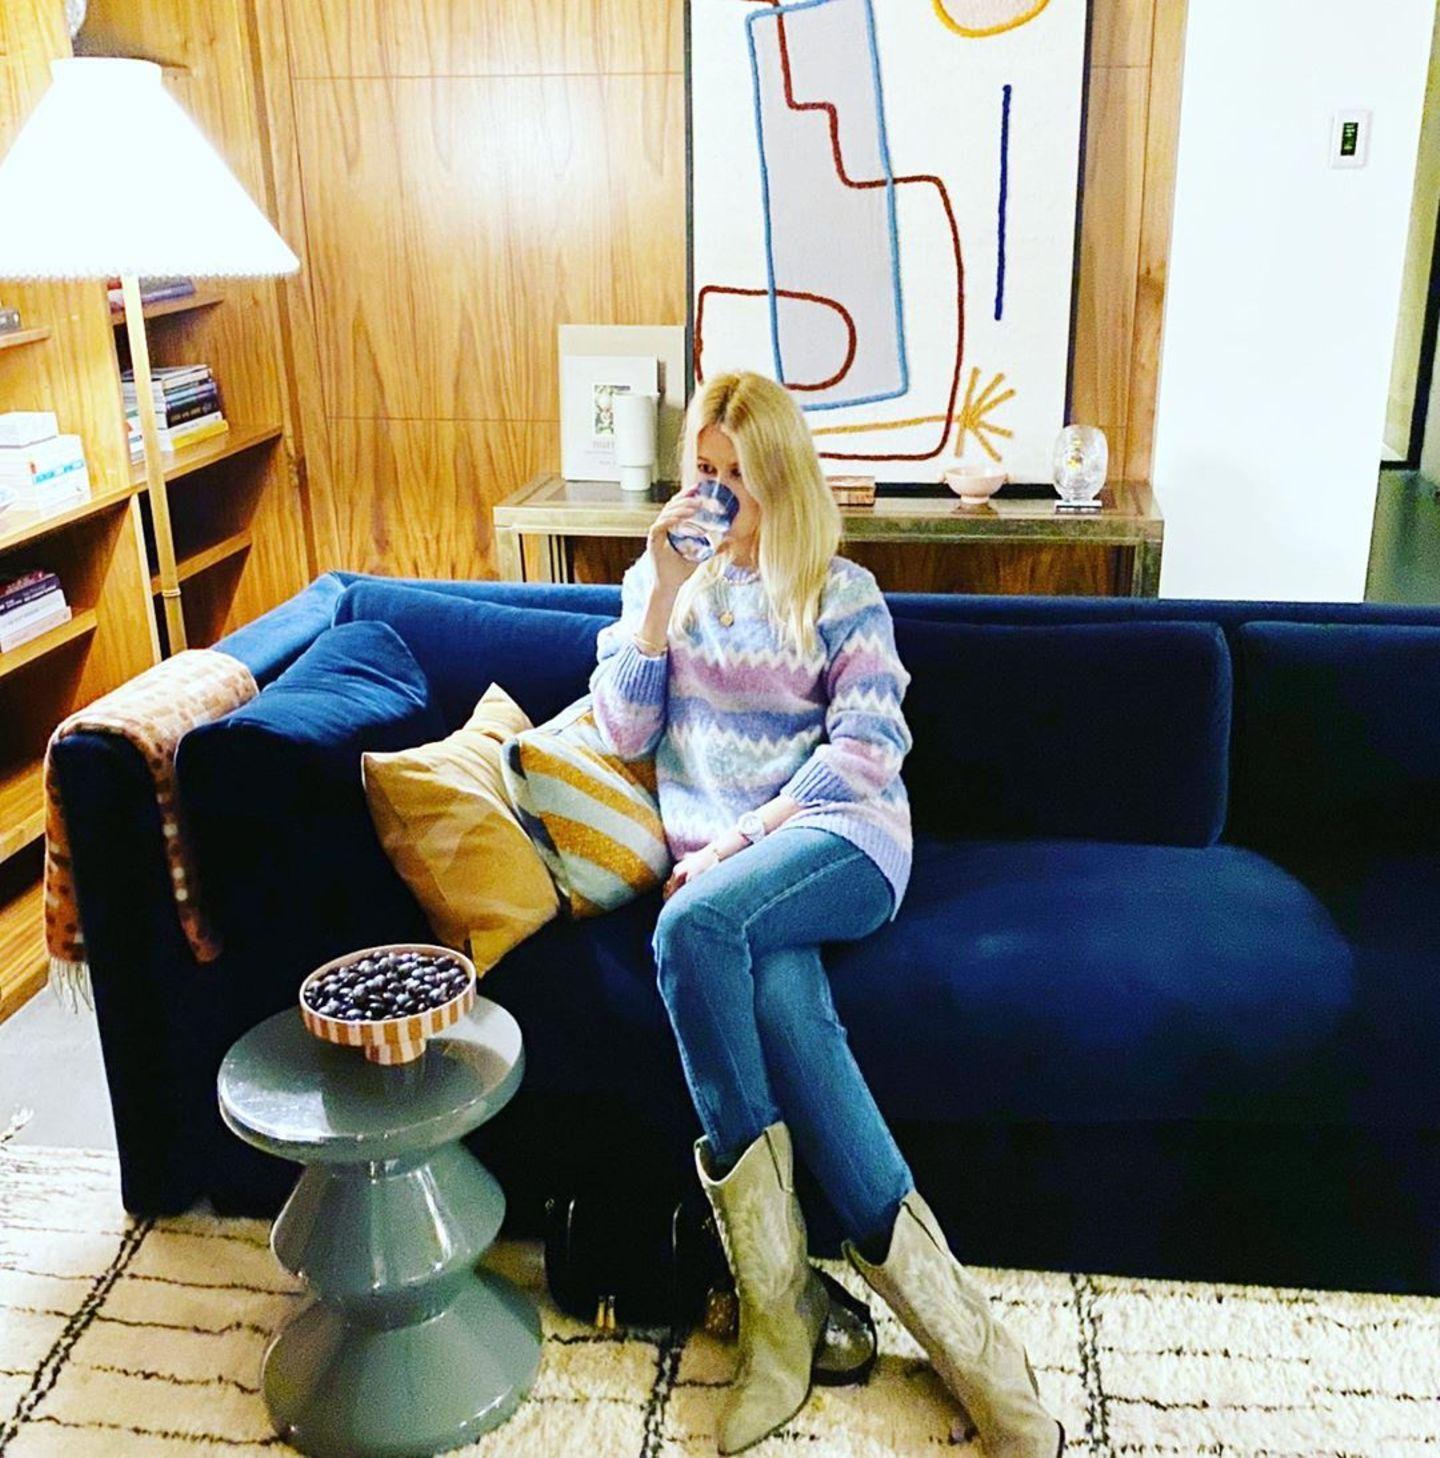 Topmodel Claudia Schiffer könnte selbst als Dekorationsgegenstand in ihrem eigenen Haus durchgehen. Ihre Isabel Marant Cowboyboots matchen mit ihrem beige-schwarz karierten Teppich, das kuschelige Samt-Sofa in der Farbe Königsblau passt zur Jeans des Supermodels.